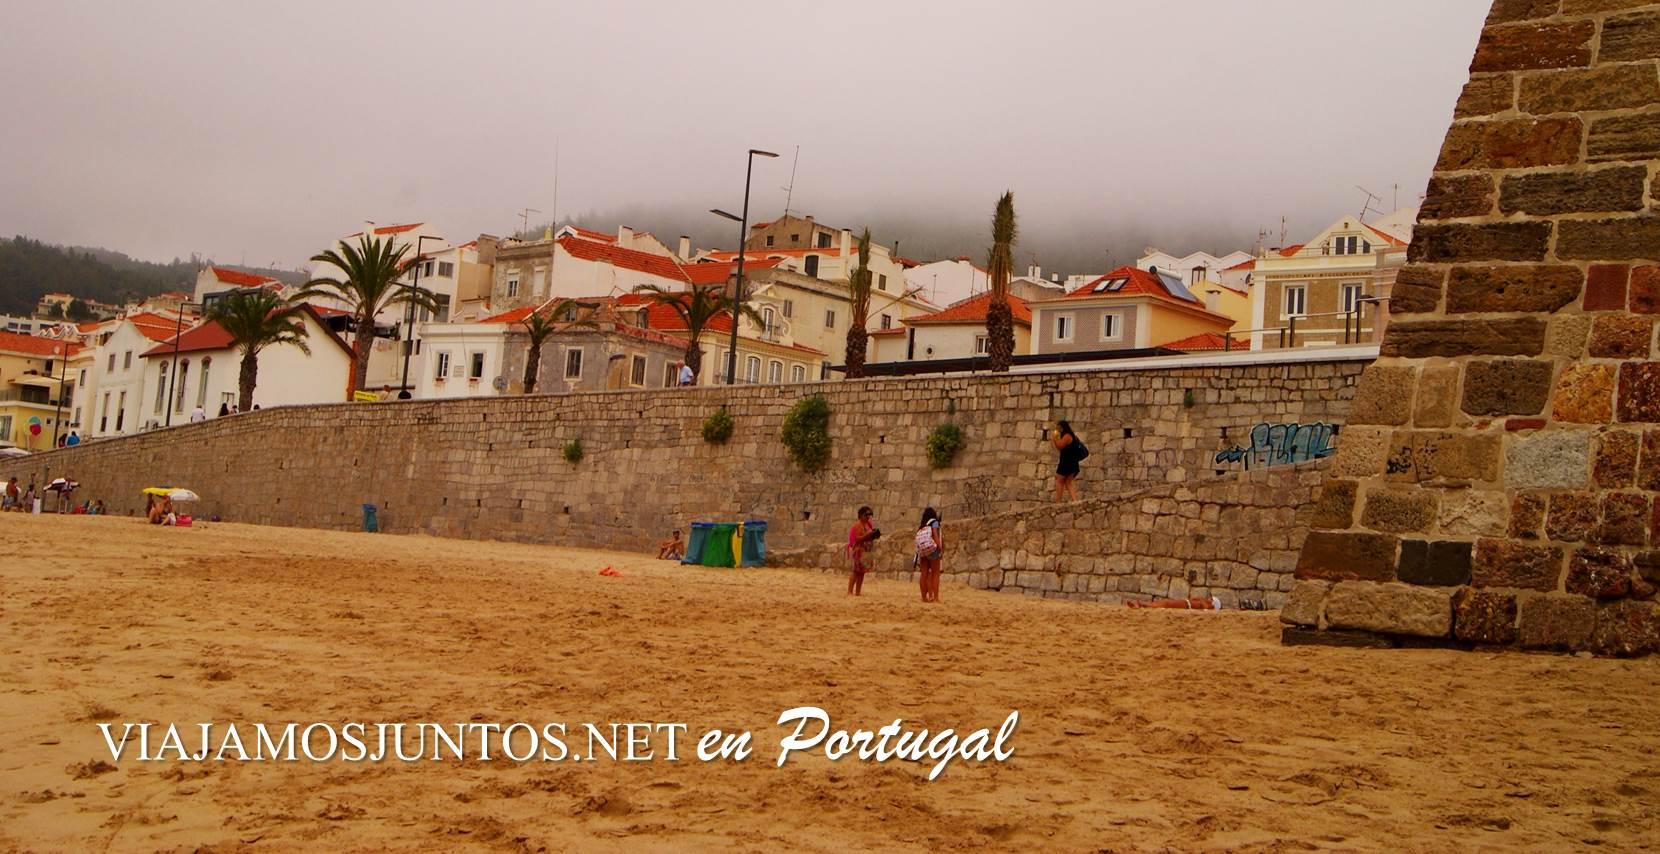 La playa de Sesimbra, con la muralla de la fortaleza